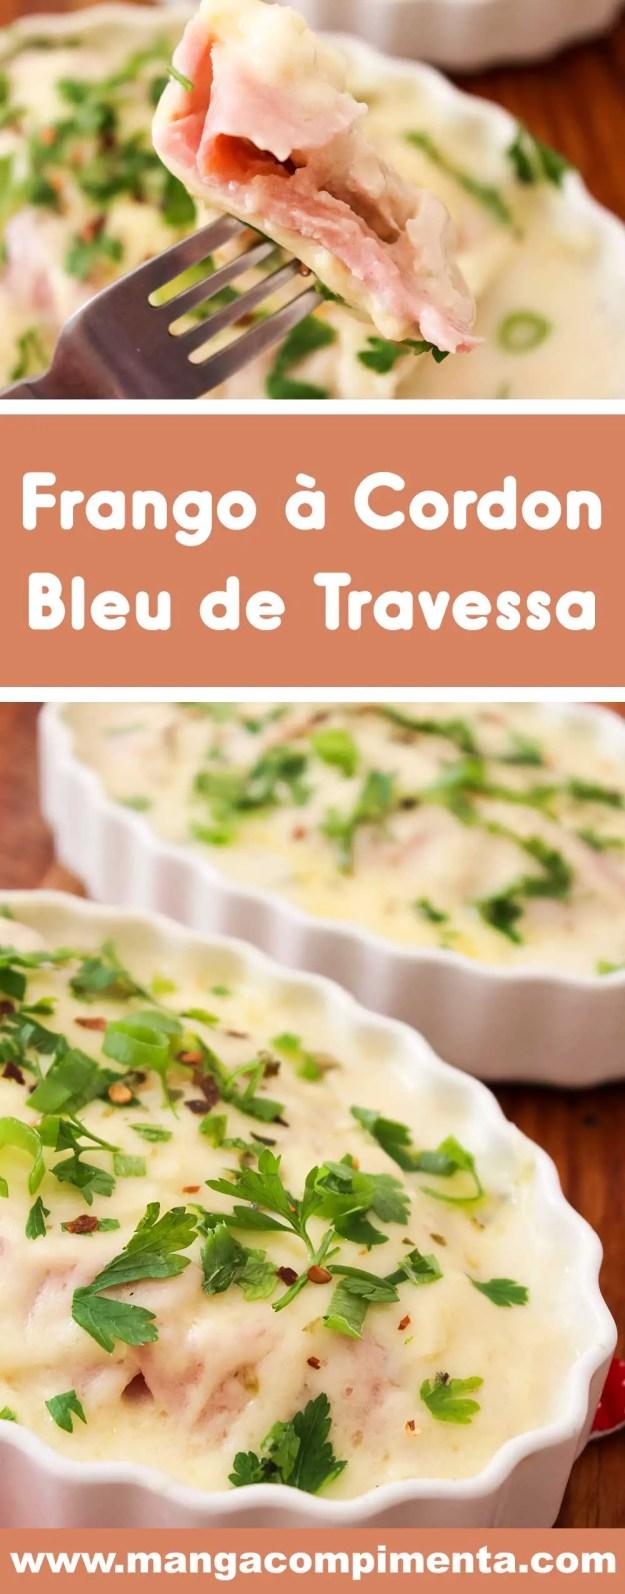 Receita de Frango à Cordon Bleu de Travessa - sem empanar e perfeito para comemorar com as pessoas que você ama!